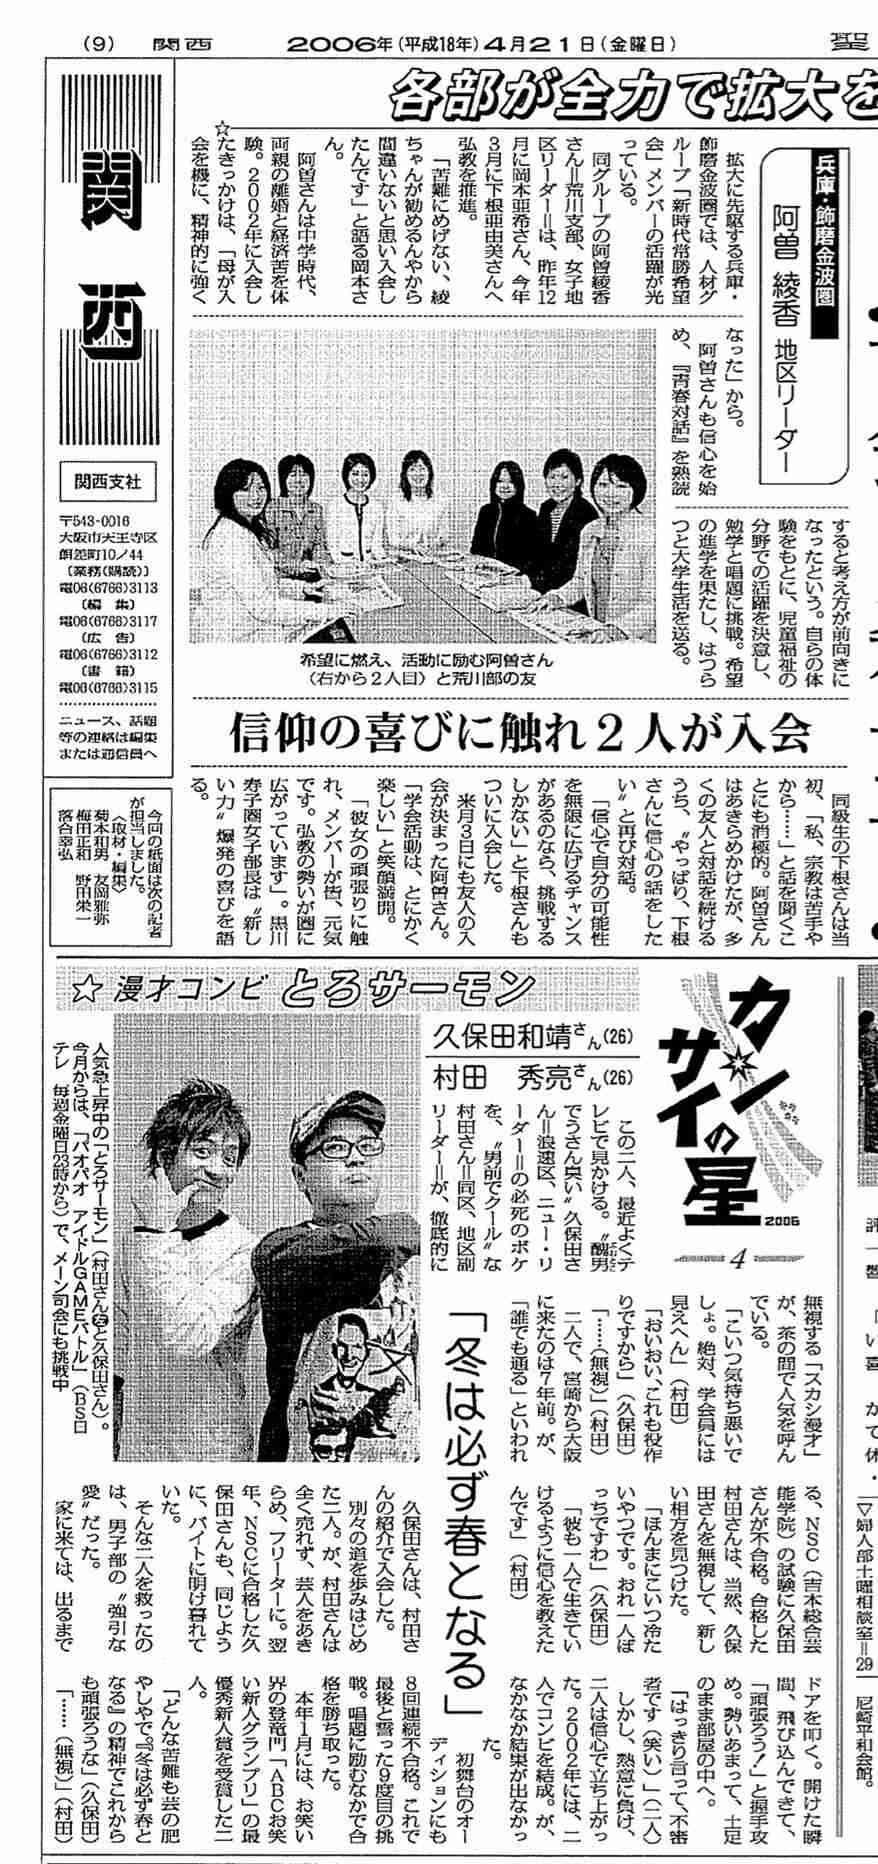 とろサーモン・久保田かずのぶ「水曜日のダウンタウン」の演出に不快感